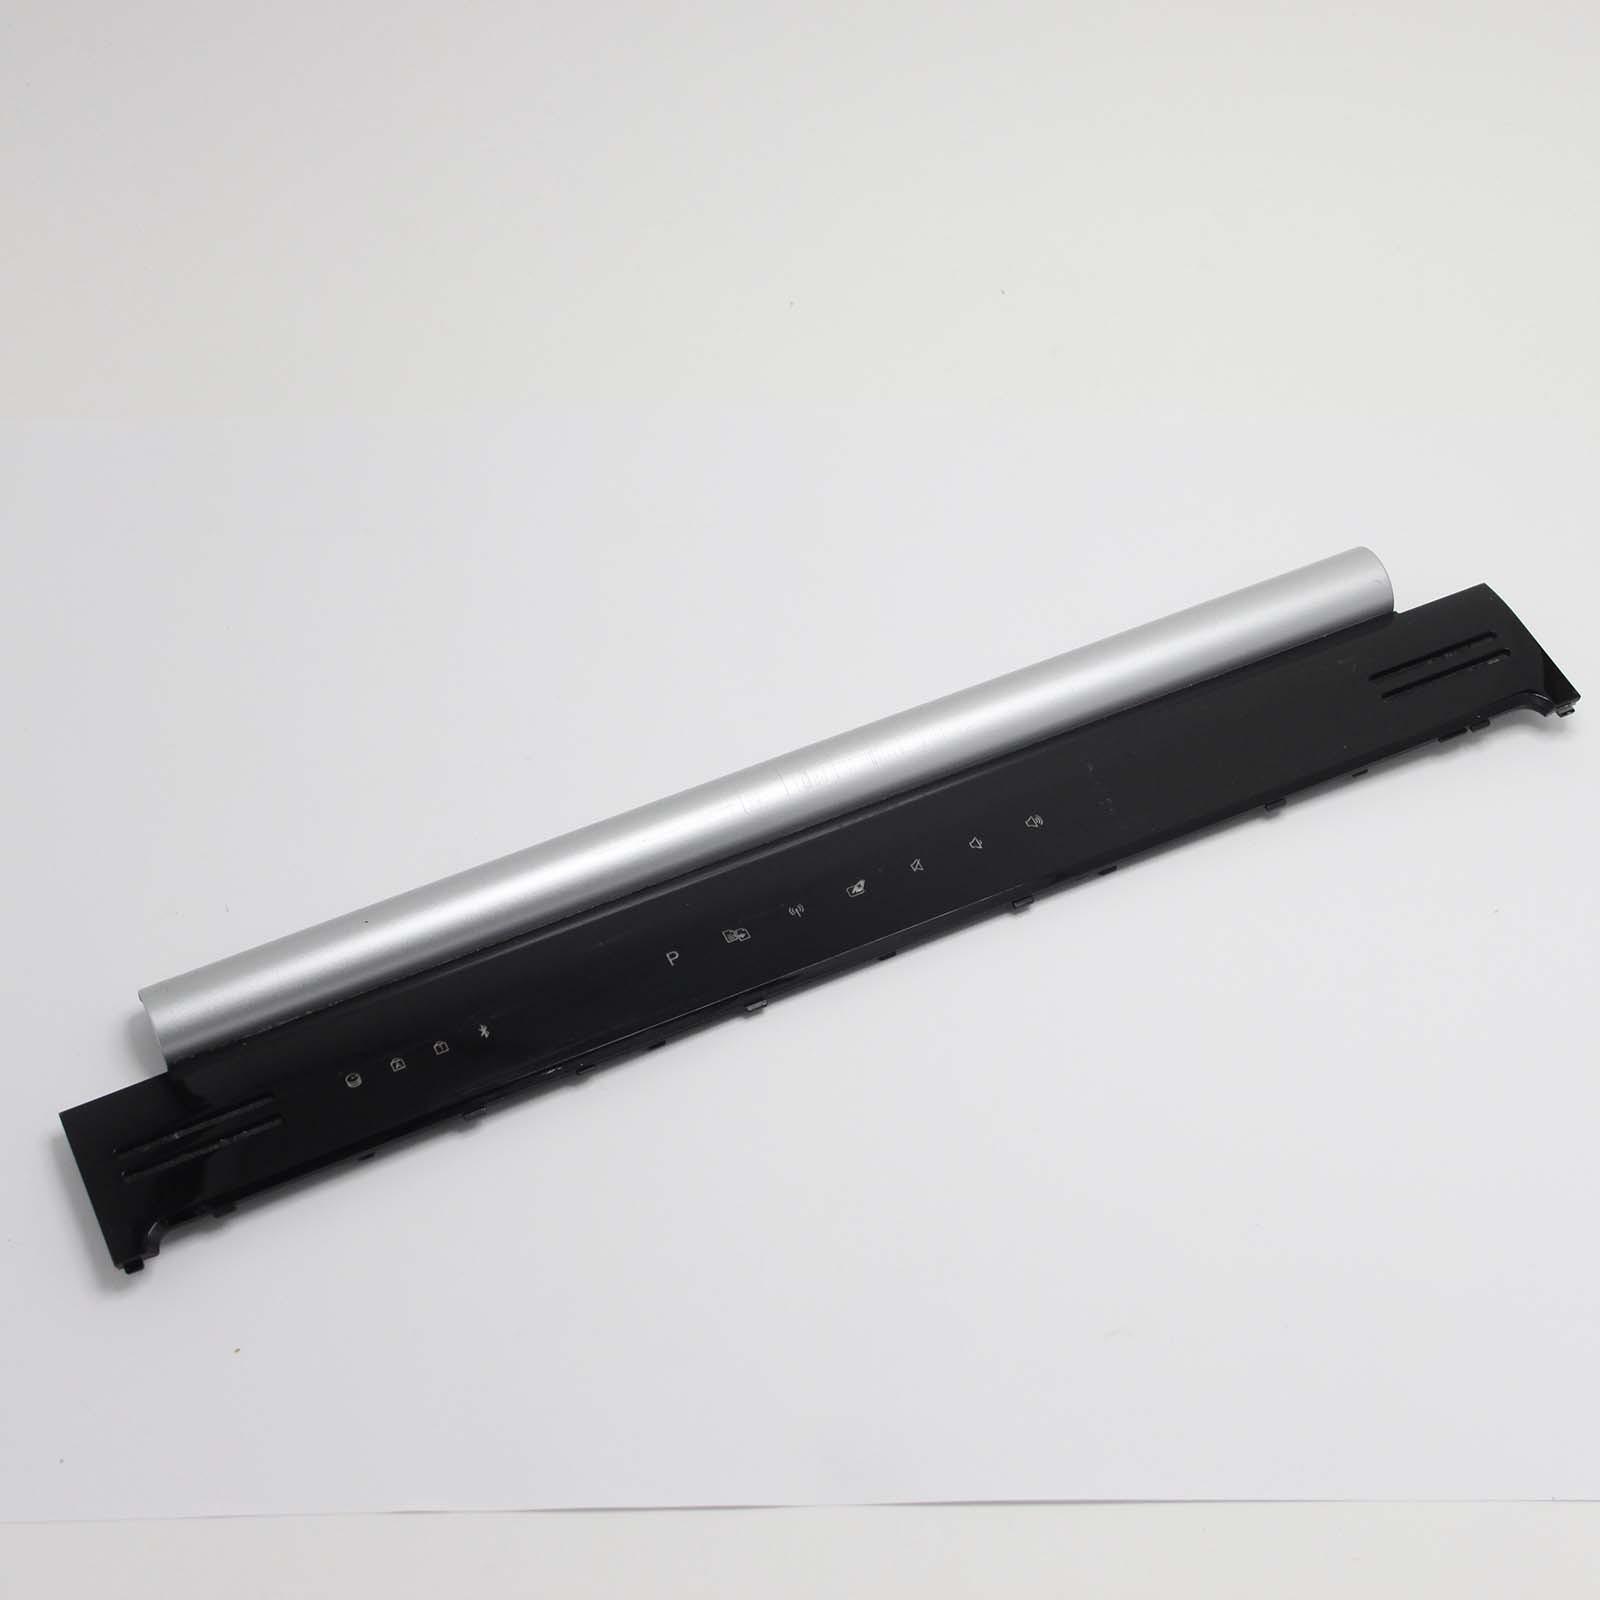 Pannello multimediale Packard Bell Easynote TJ65 MS2273 Black silver